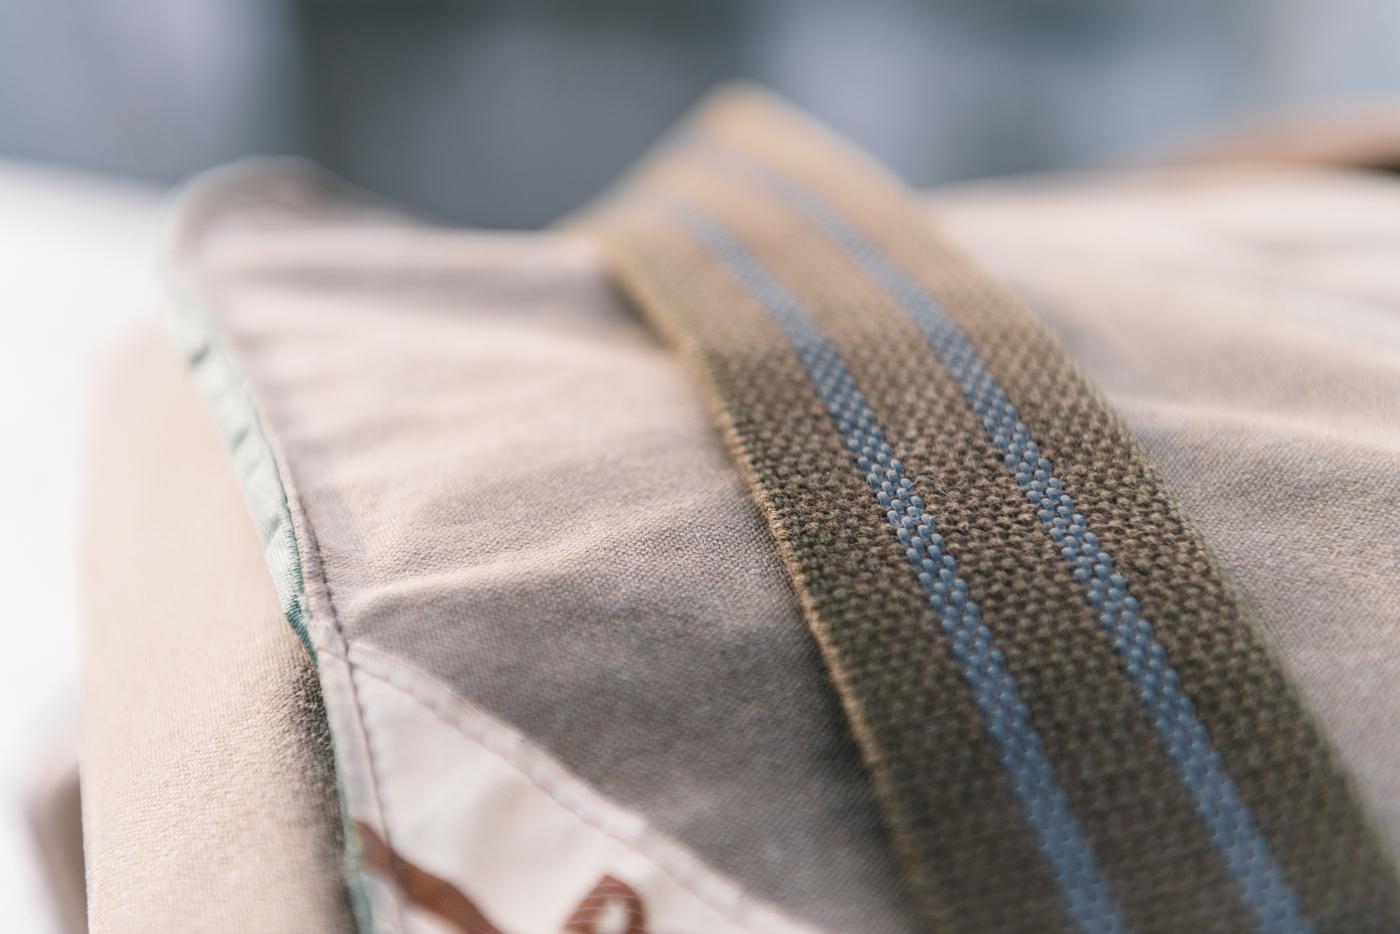 Les bandes en caoutchouc intégrées à la bandoulière